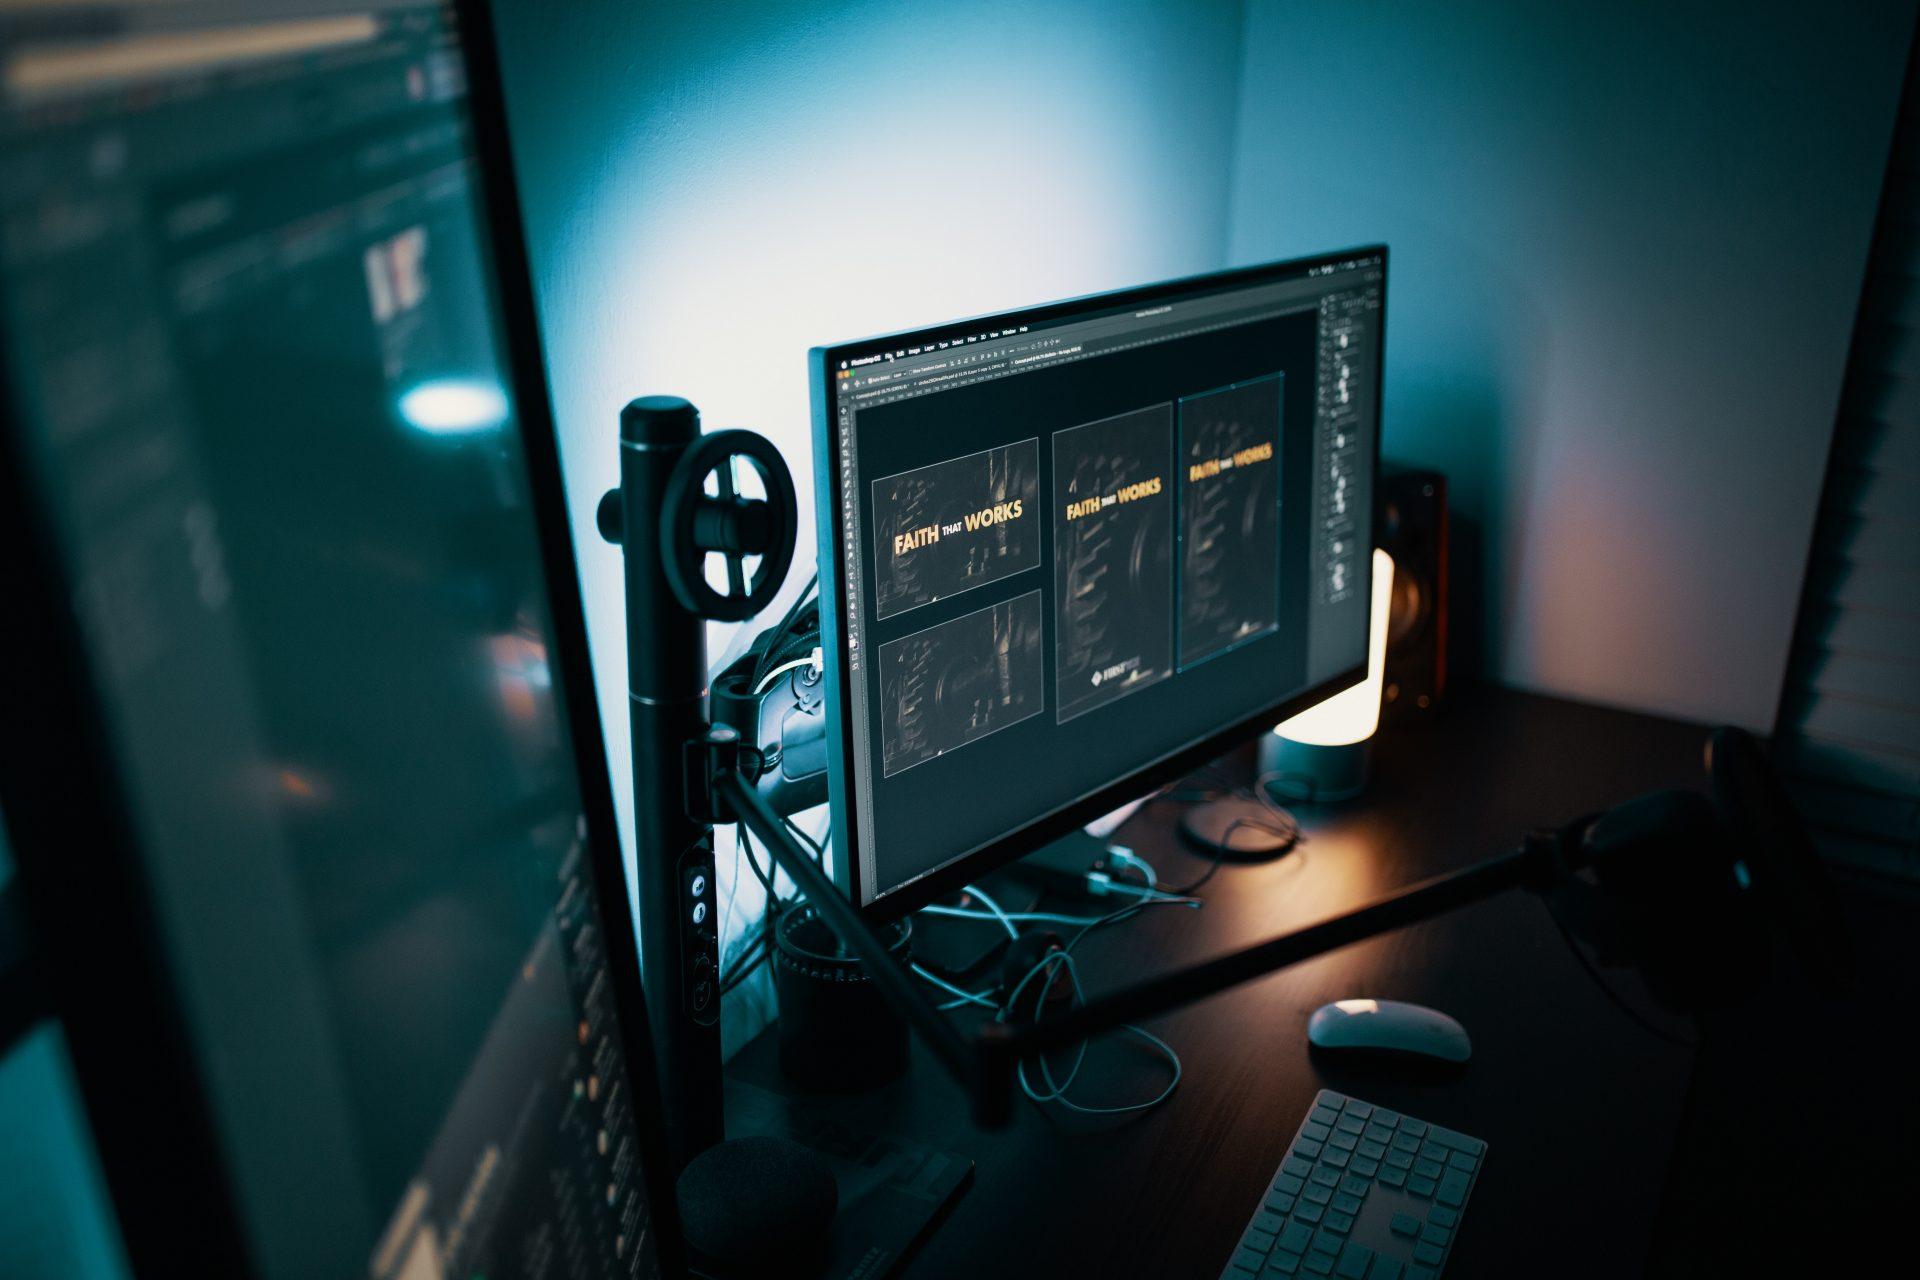 Kompiuterinė diagnostika, elektros instaliacijos remontas, online programavimas, profesionalus auto-elektrikas